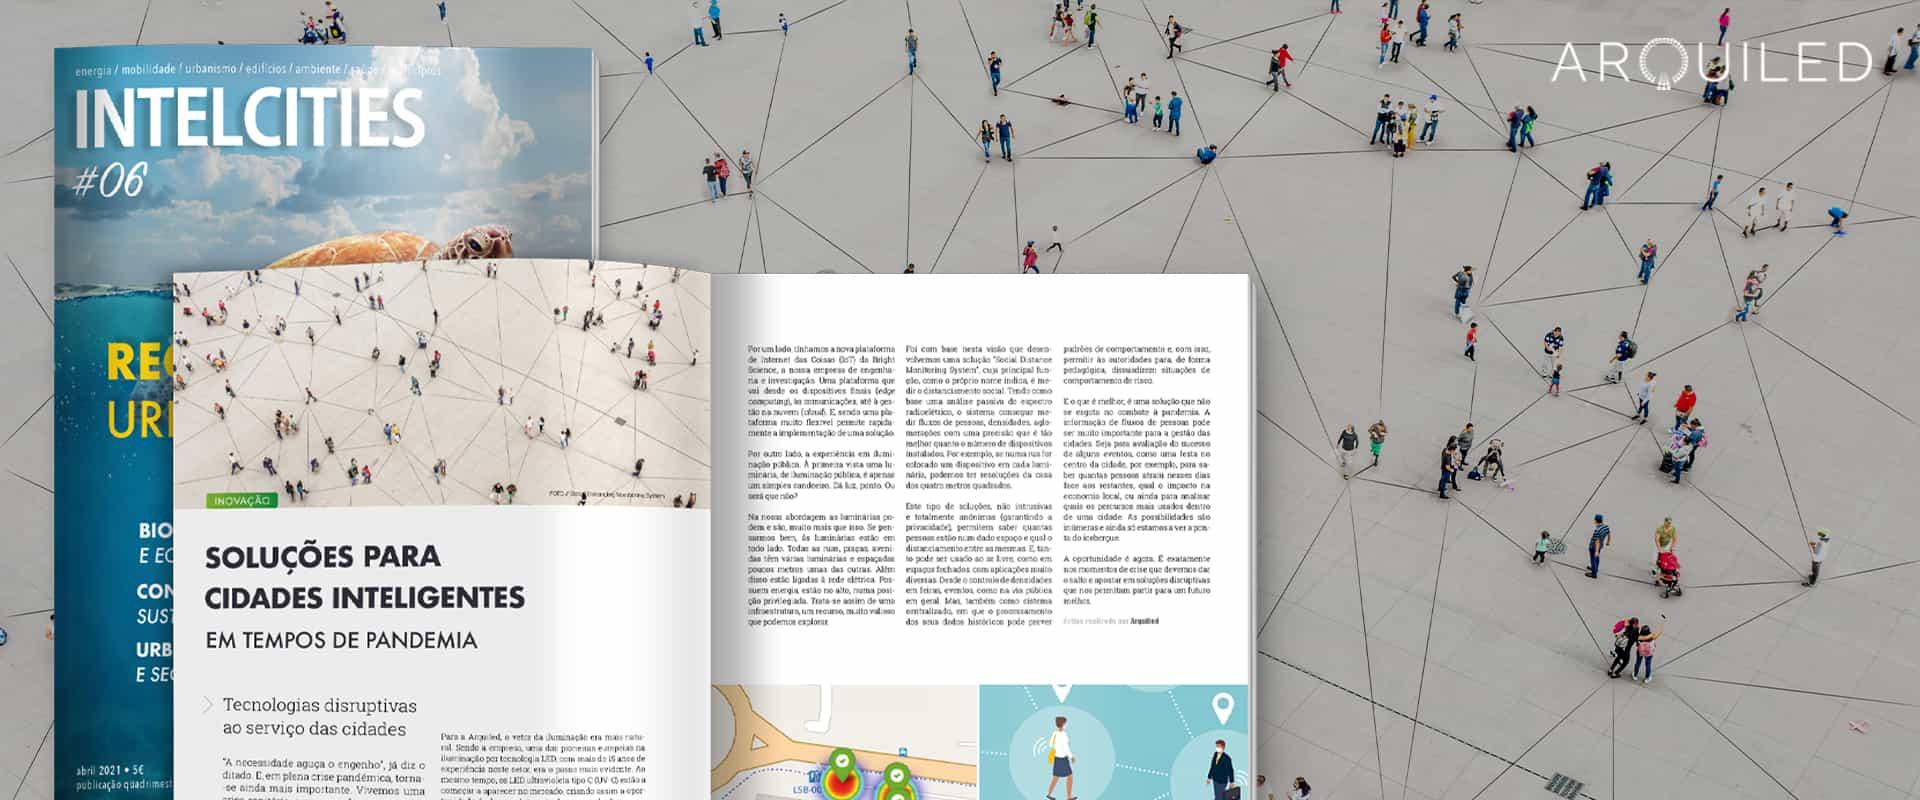 """Arquiled na IntelCities: """"Soluções para Cidades Inteligentes"""""""